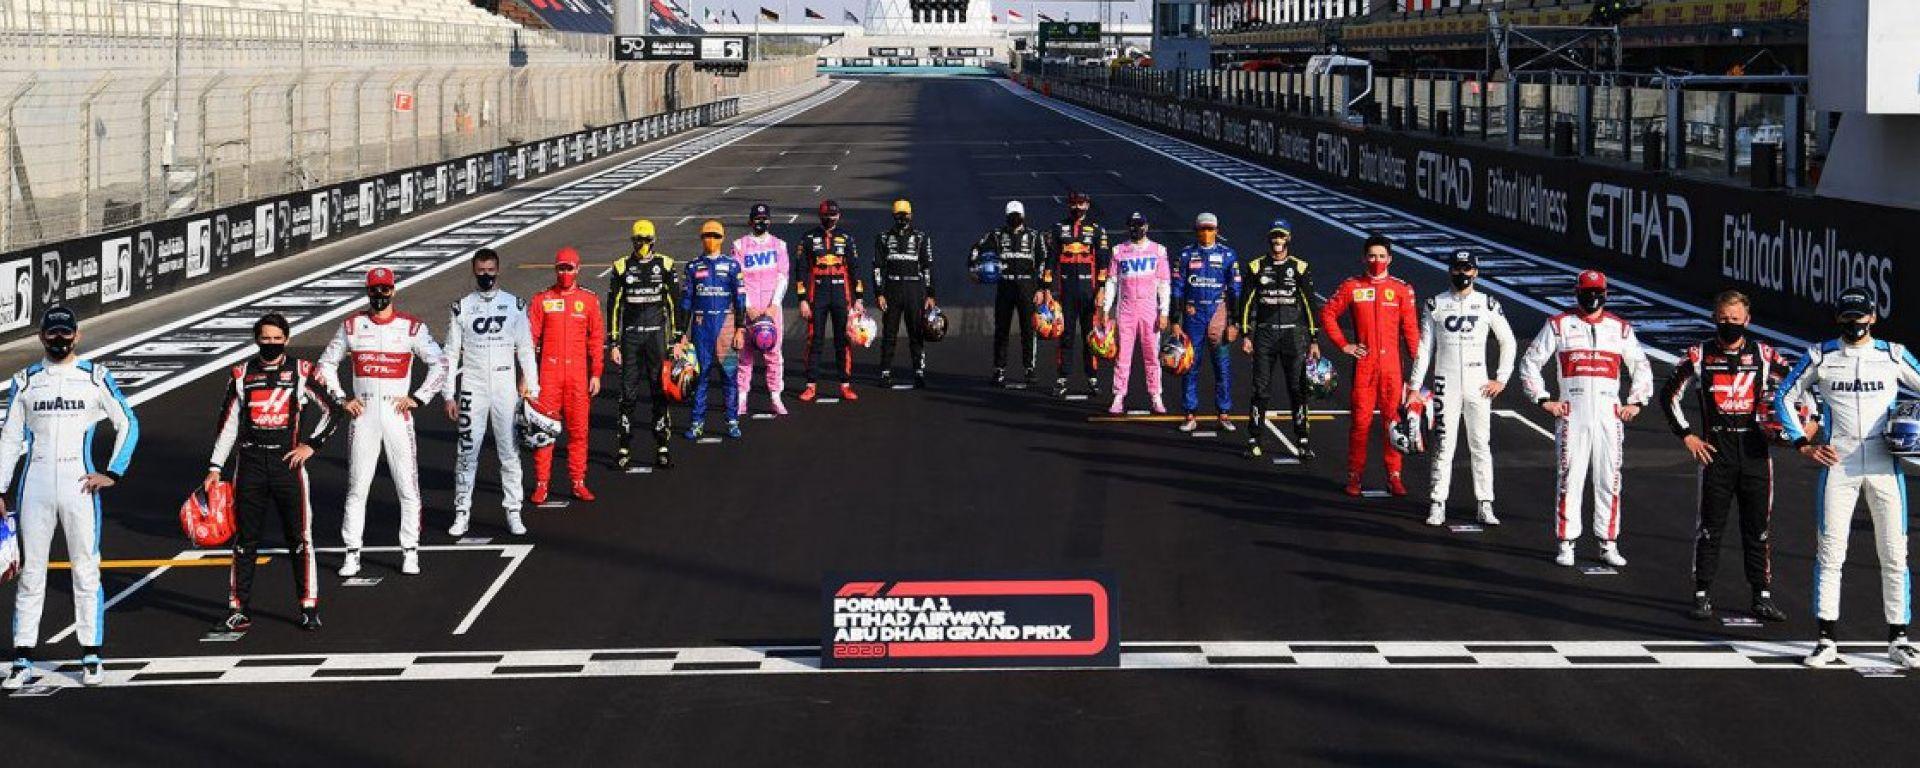 I 20 piloti del Mondiale di Formula 1 che hanno corso il GP Abu Dhabi 2020